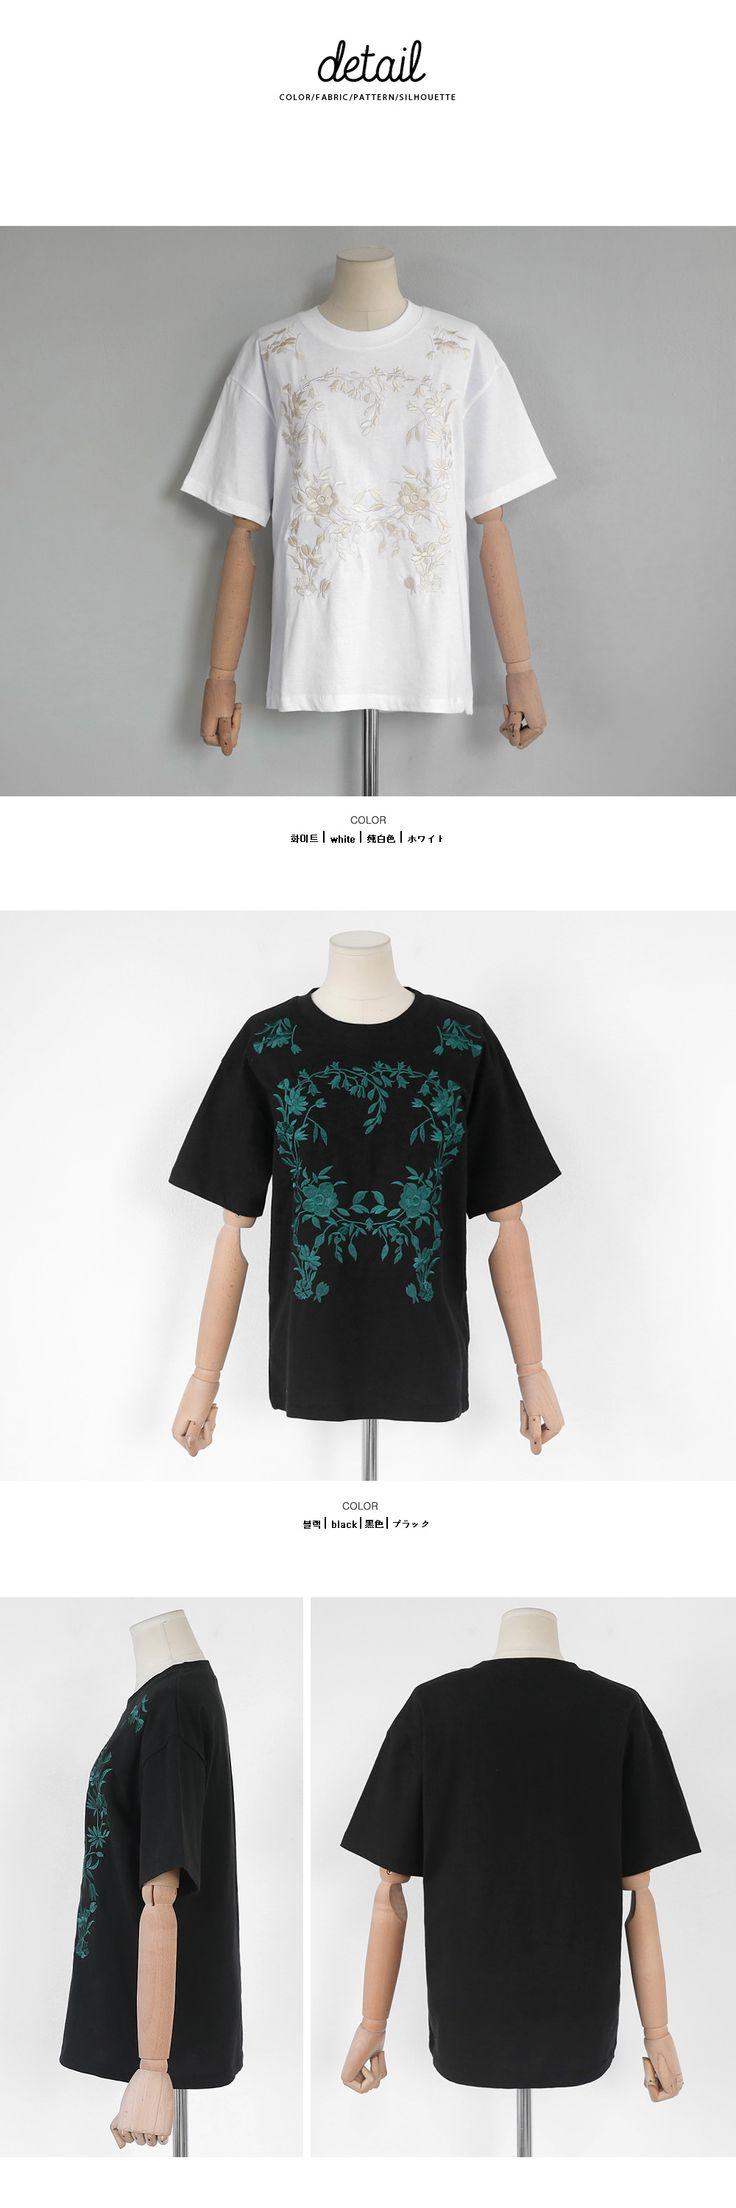 フローラル刺繍ショートスリーブTシャツ・全2色トップス・カットソーカットソー・Tシャツ|レディースファッション通販 DHOLICディーホリック [ファストファッション 水着 ワンピース]